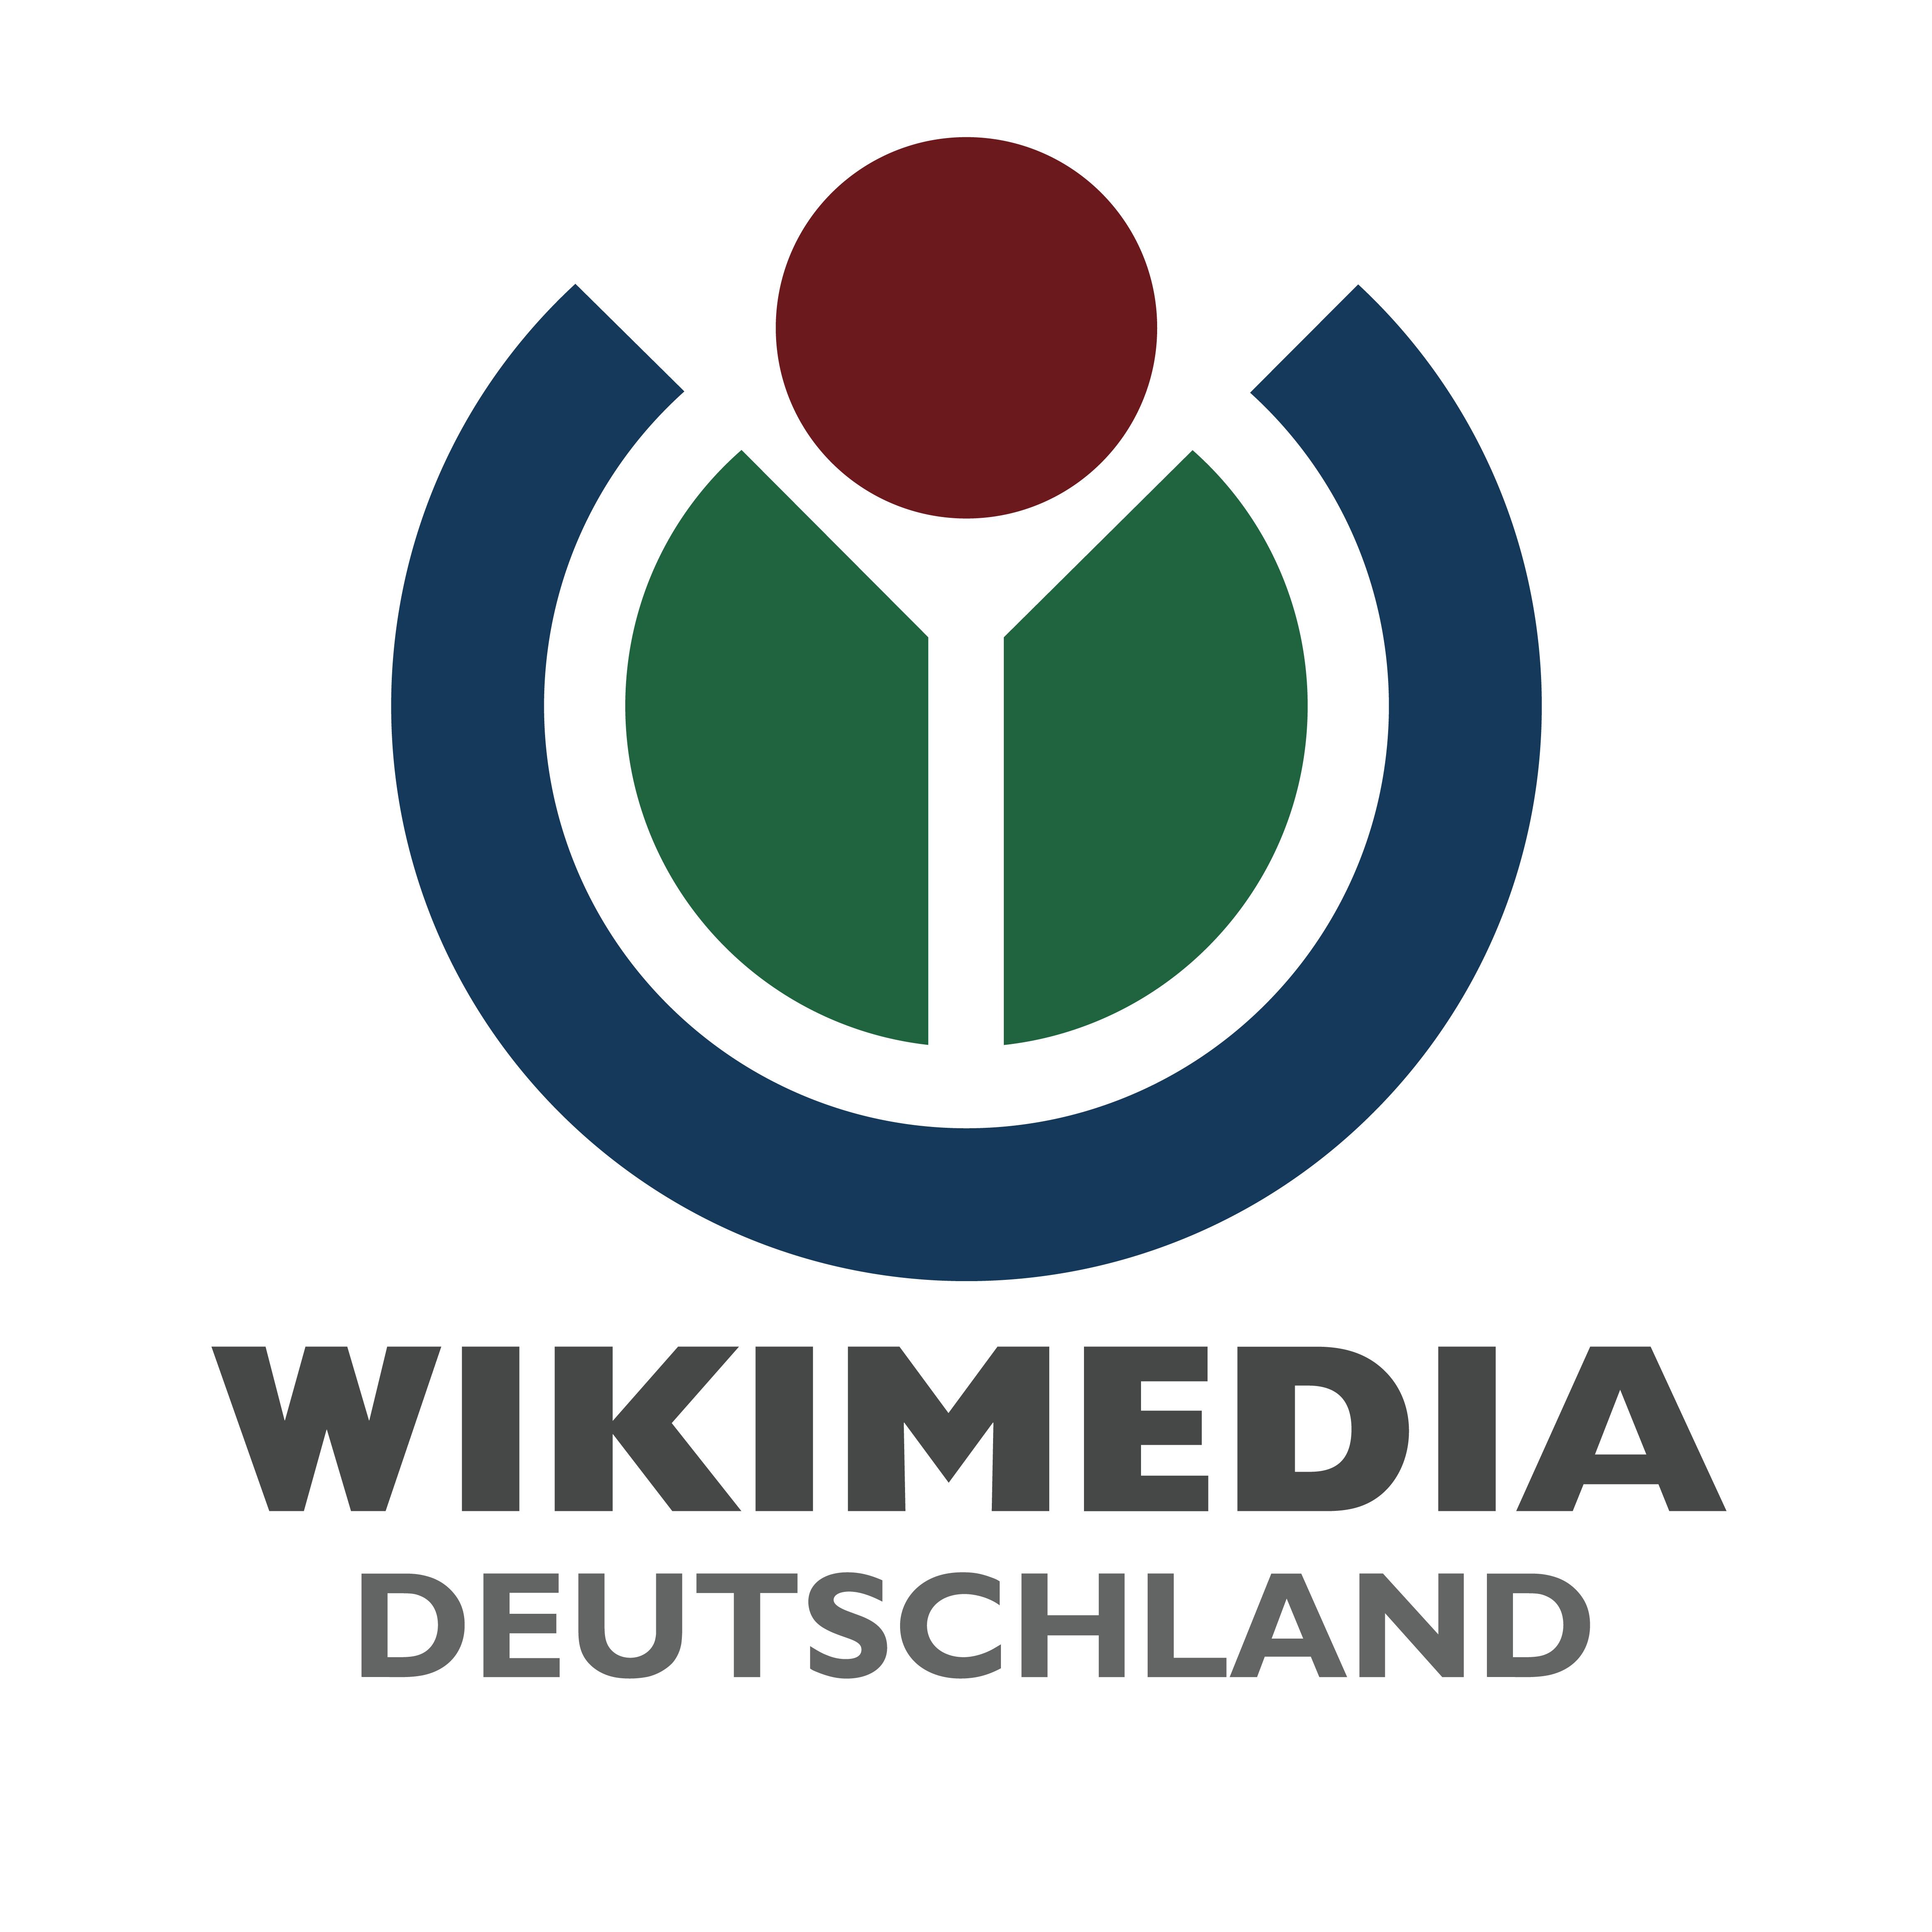 Blogartikel von Peter Kraker auf Wikimedia Blog